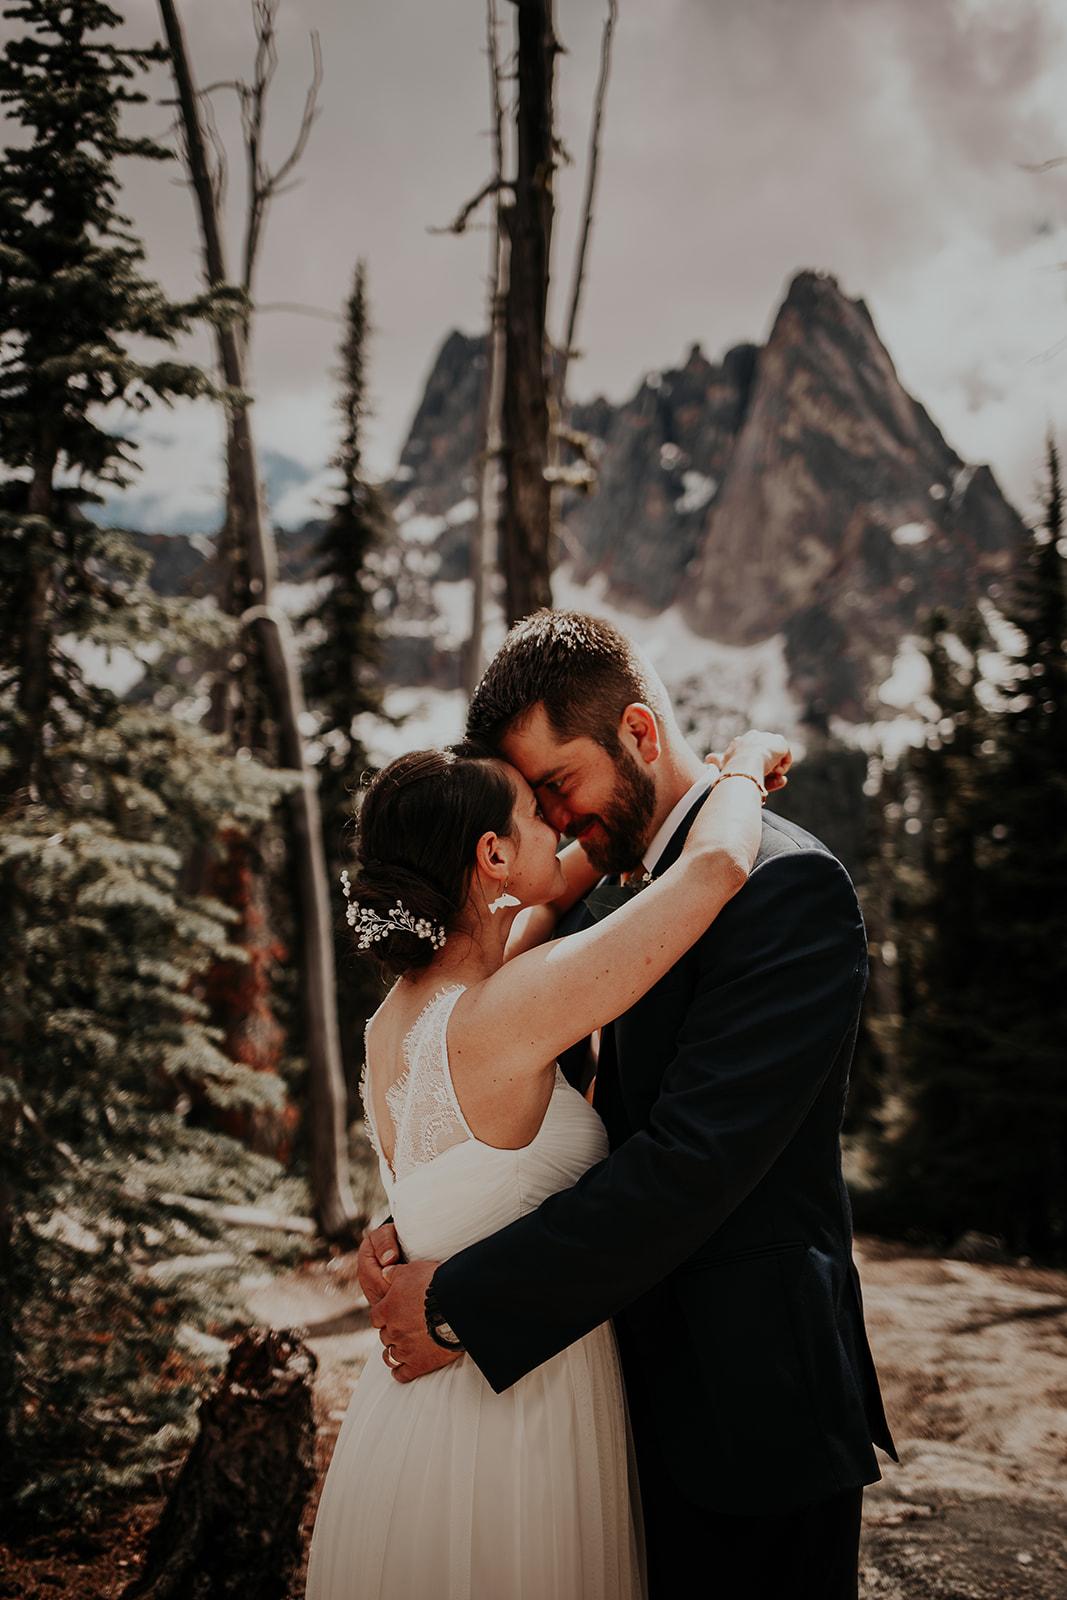 lisaandzack-north-cascades-elopement-wedding-megan-gallagher-photogarphy (11).jpg